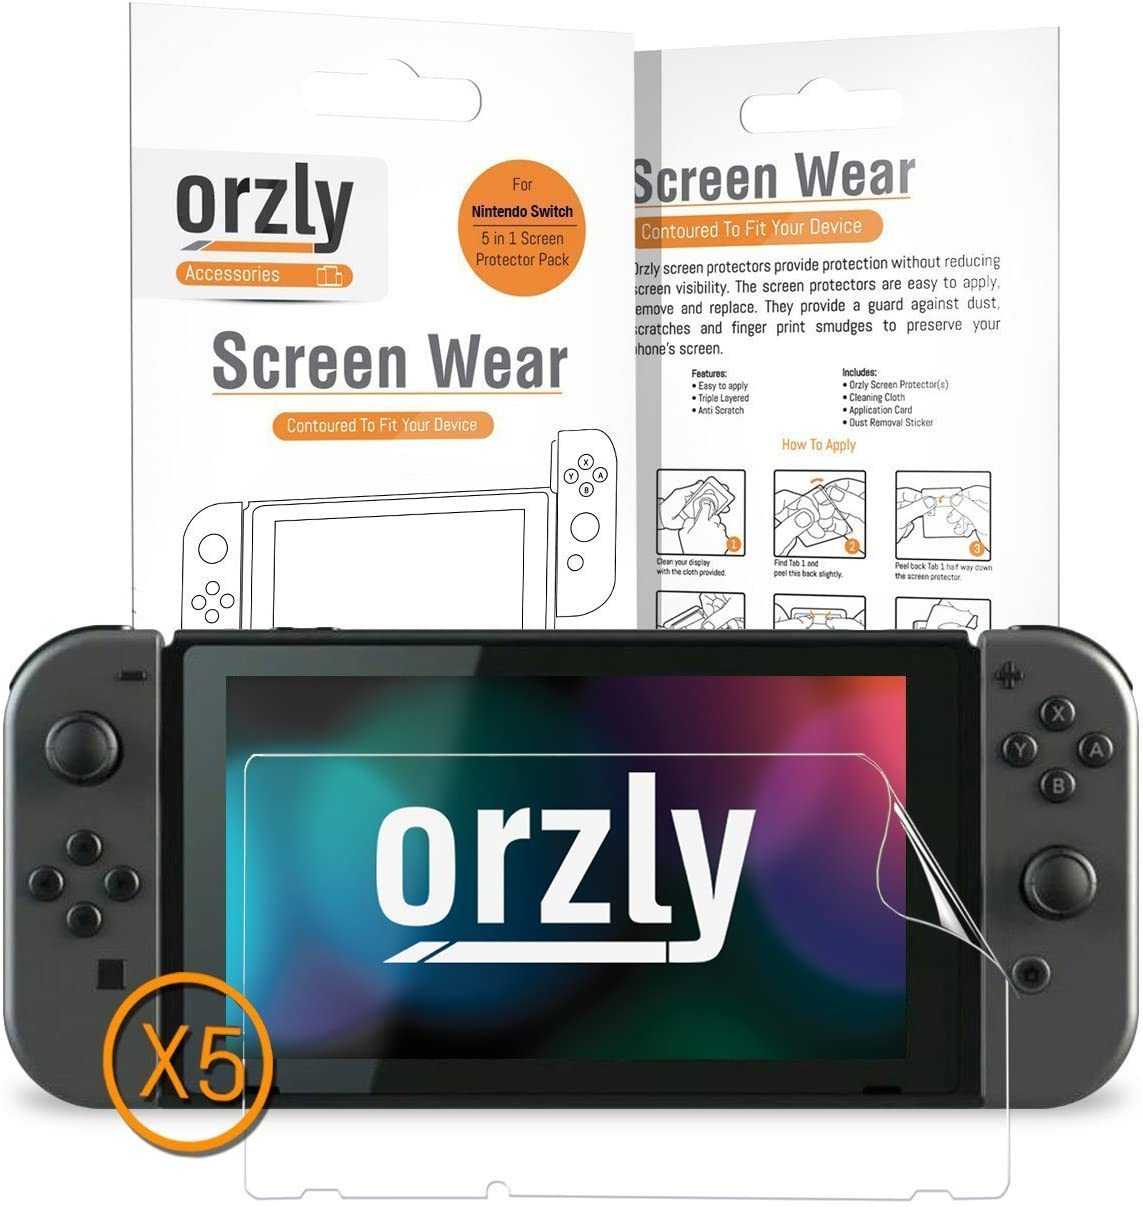 Orzly Pack 5 en 1 de Protectores de Pantalla compatibles con la Nintendo Switch – Multipack de 5 Protectores Transparentes para la Tableta de la Nintendo Switch: Amazon.es: Electrónica